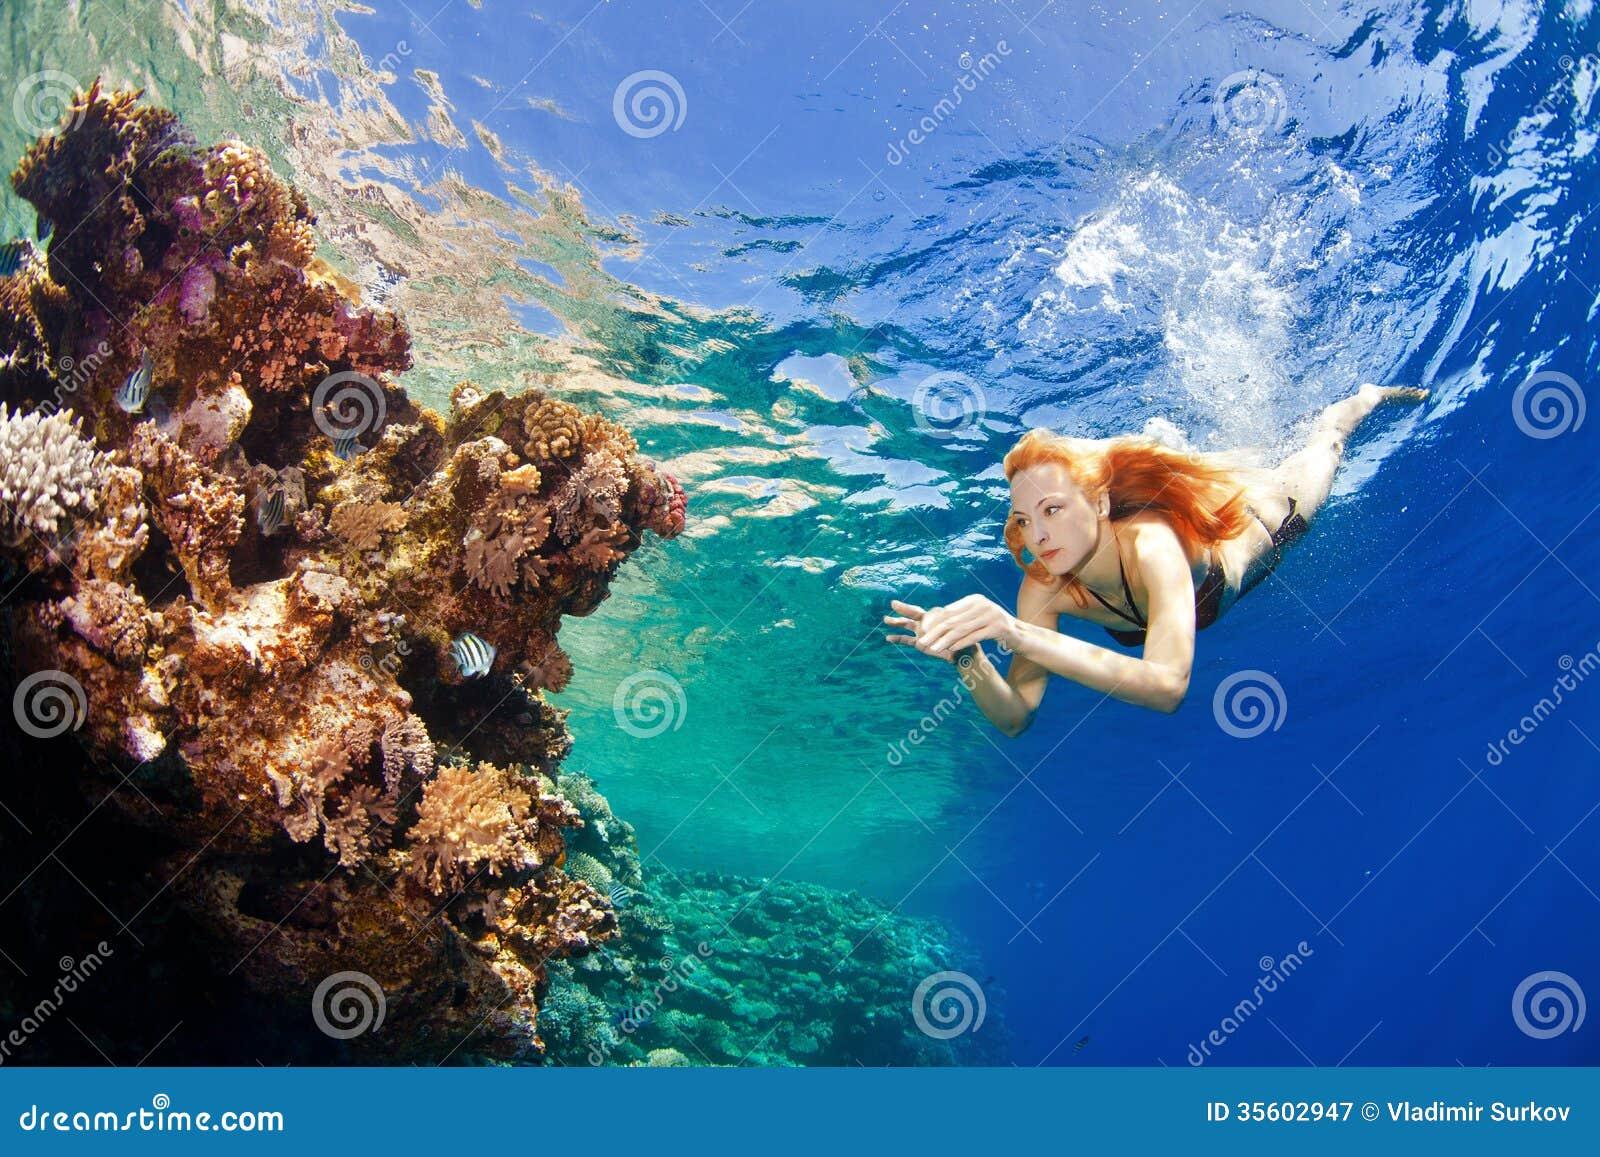 Ragazza e coralli nel mare